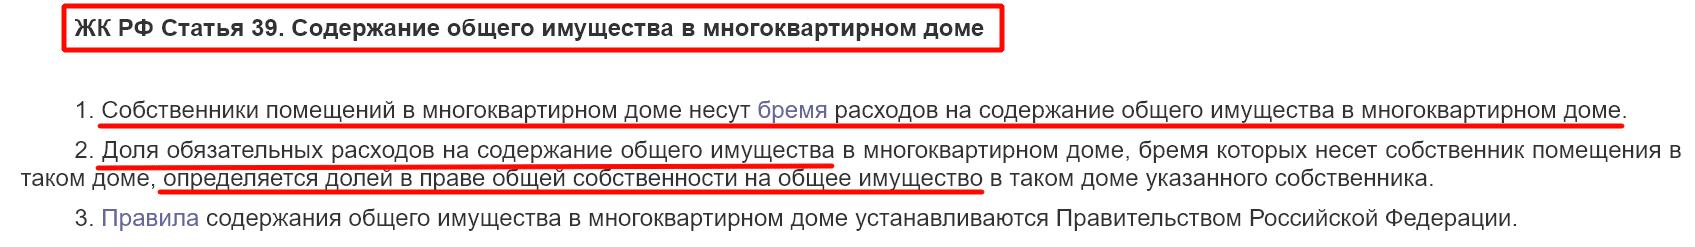 Выдержка из ЖК РФ о замене счетчиков в многоквартирных домах